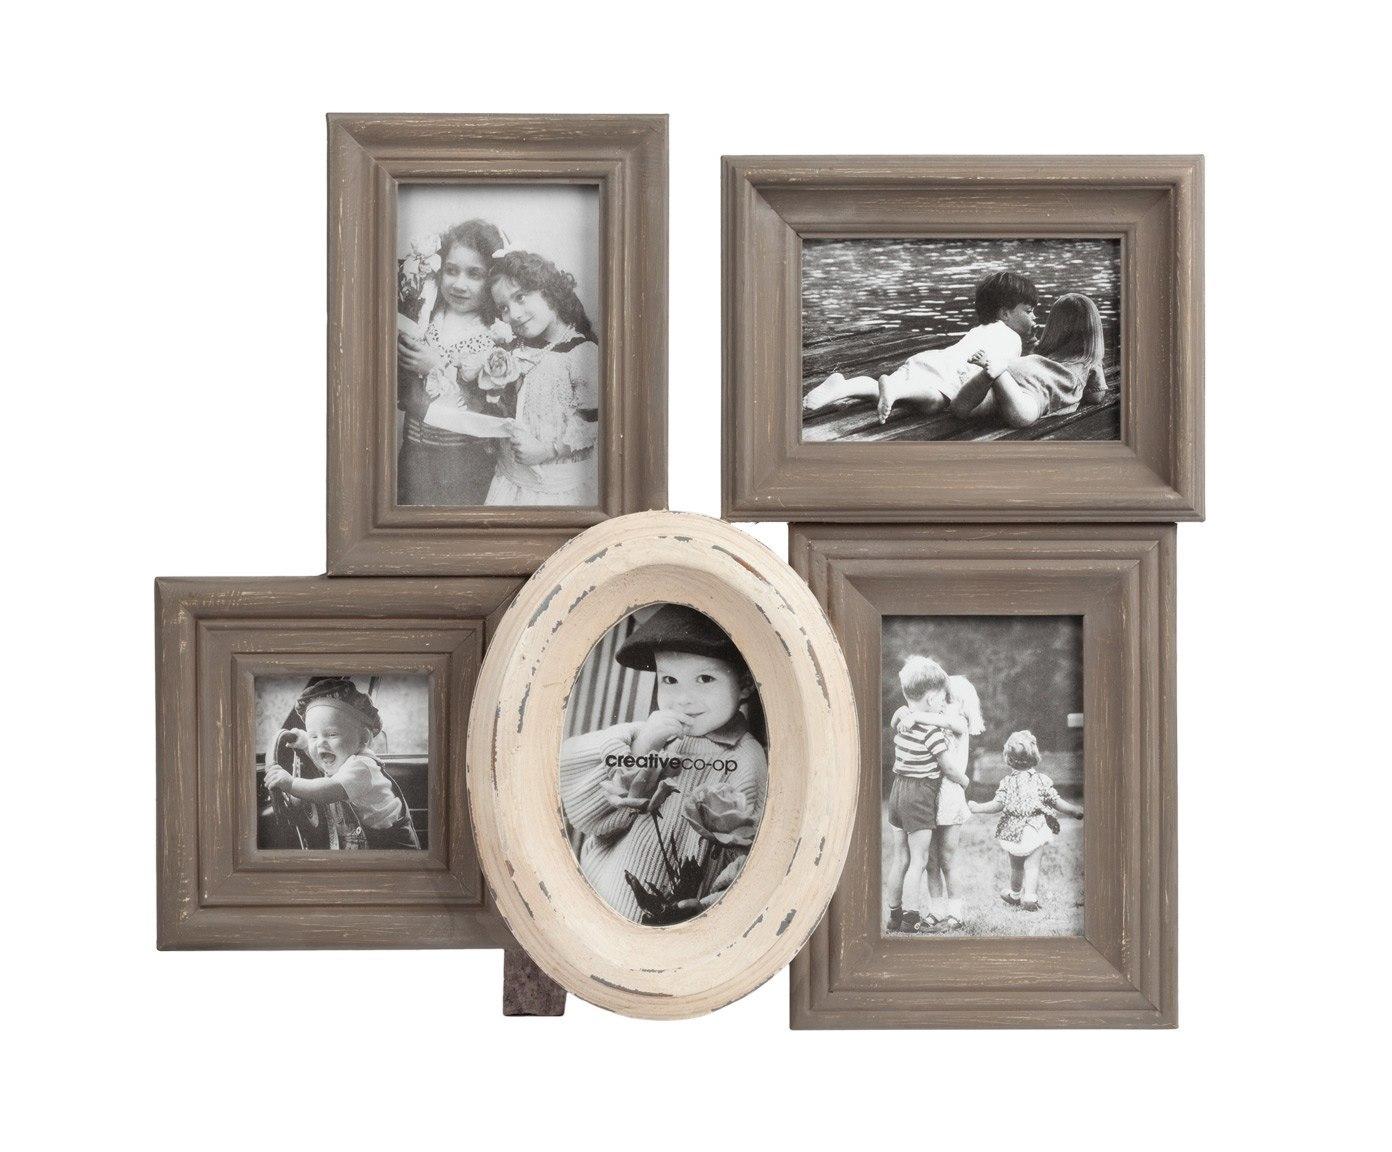 Рамка фотоколлаж для 5 фотографий ValoriФоторамки<br>Рамка в виде фотоколлажа предназначена <br>для пяти фотографий, состоит из одной бежевой <br>овальной и четырех коричневых прямоугольных <br>рамочек, органично расположенных относительно <br>друг друга. Овальная рамочка слегка состарена, <br>это подчеркивает особый колорит фотоколлажа. <br>Под фотографии: 10*15, 9*9.<br><br>Цвет: Коричневый, Бежевый<br>Материал: МДФ<br>Вес кг: 1,9<br>Длина см: 46<br>Ширина см: 39<br>Высота см: 5